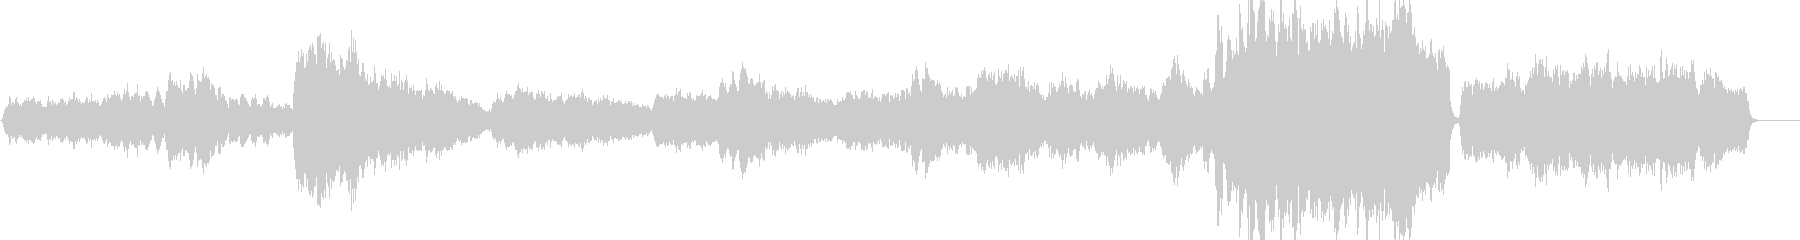 ヘンデルのオンブラ・マイ・フの未再生の波形